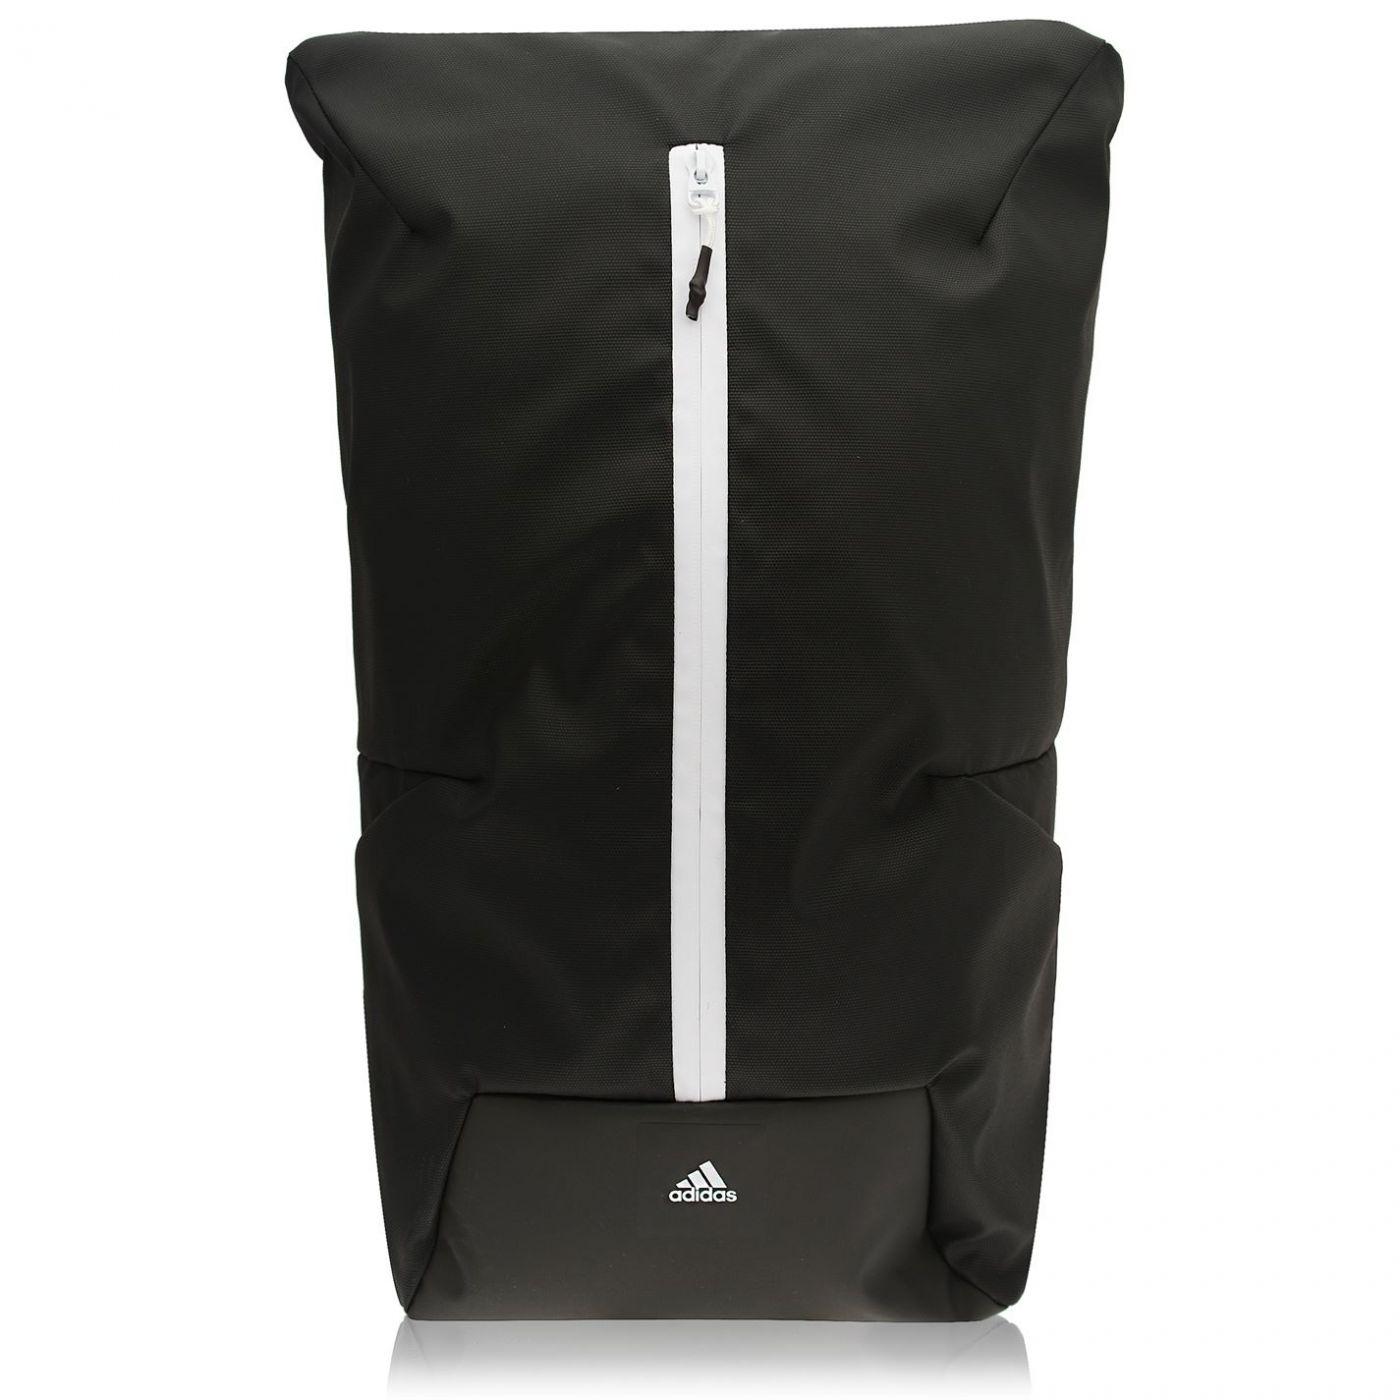 Adidas Z.N.E Backpack 92